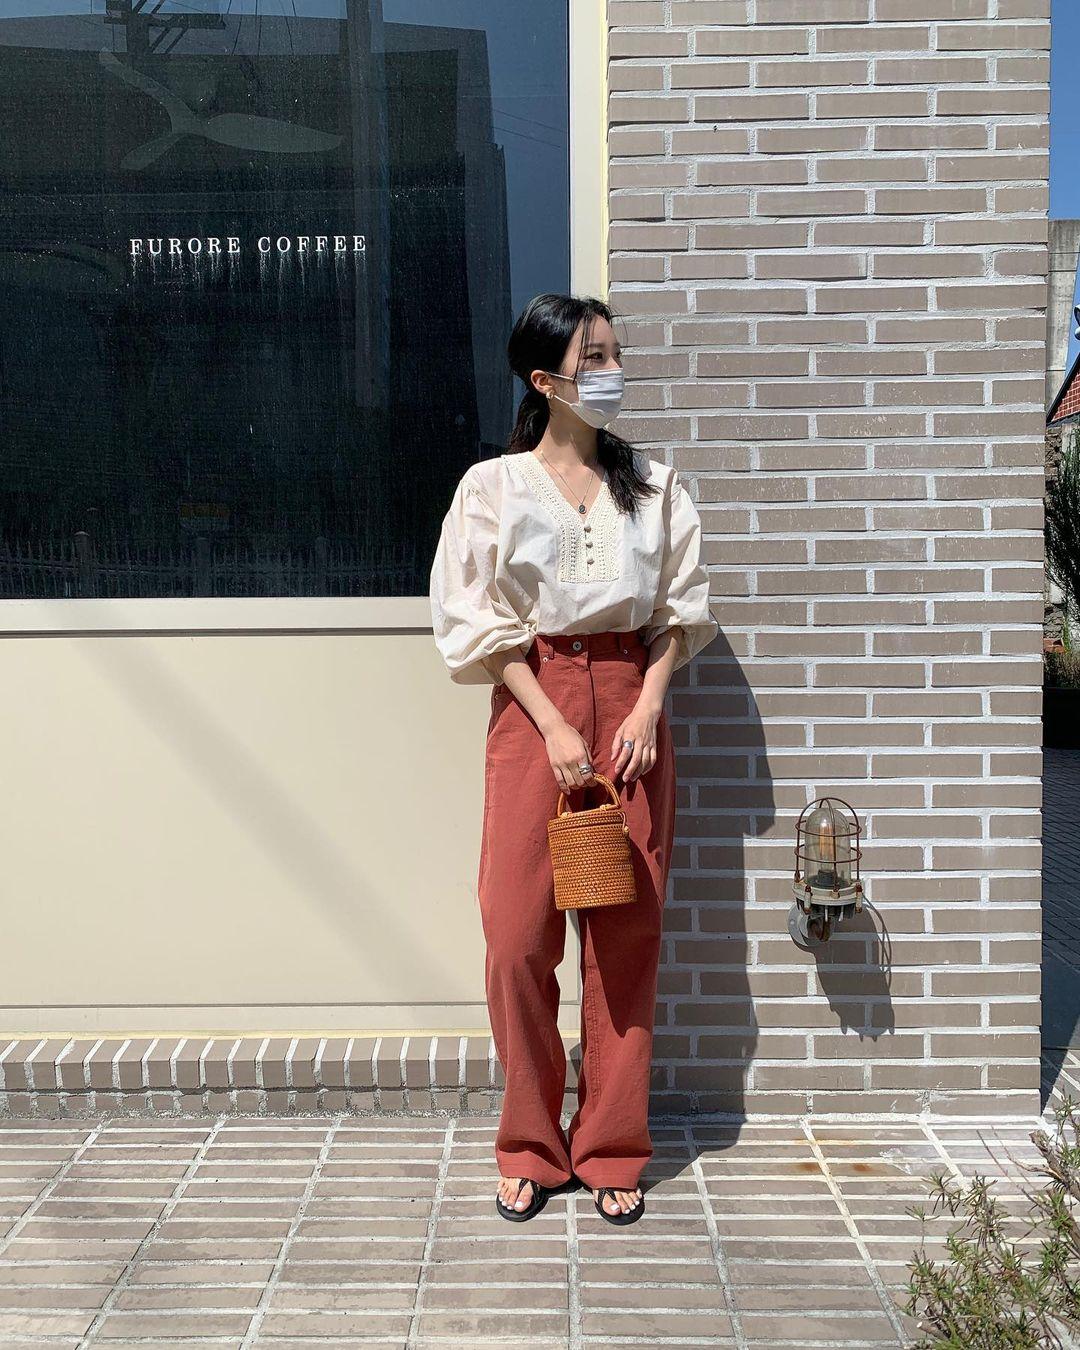 Nàng blogger Hàn có biệt tài diện toàn đồ đơn giản mà ai cũng muốn copy theo, diện đi làm hay đi chơi cũng ổn - Ảnh 8.